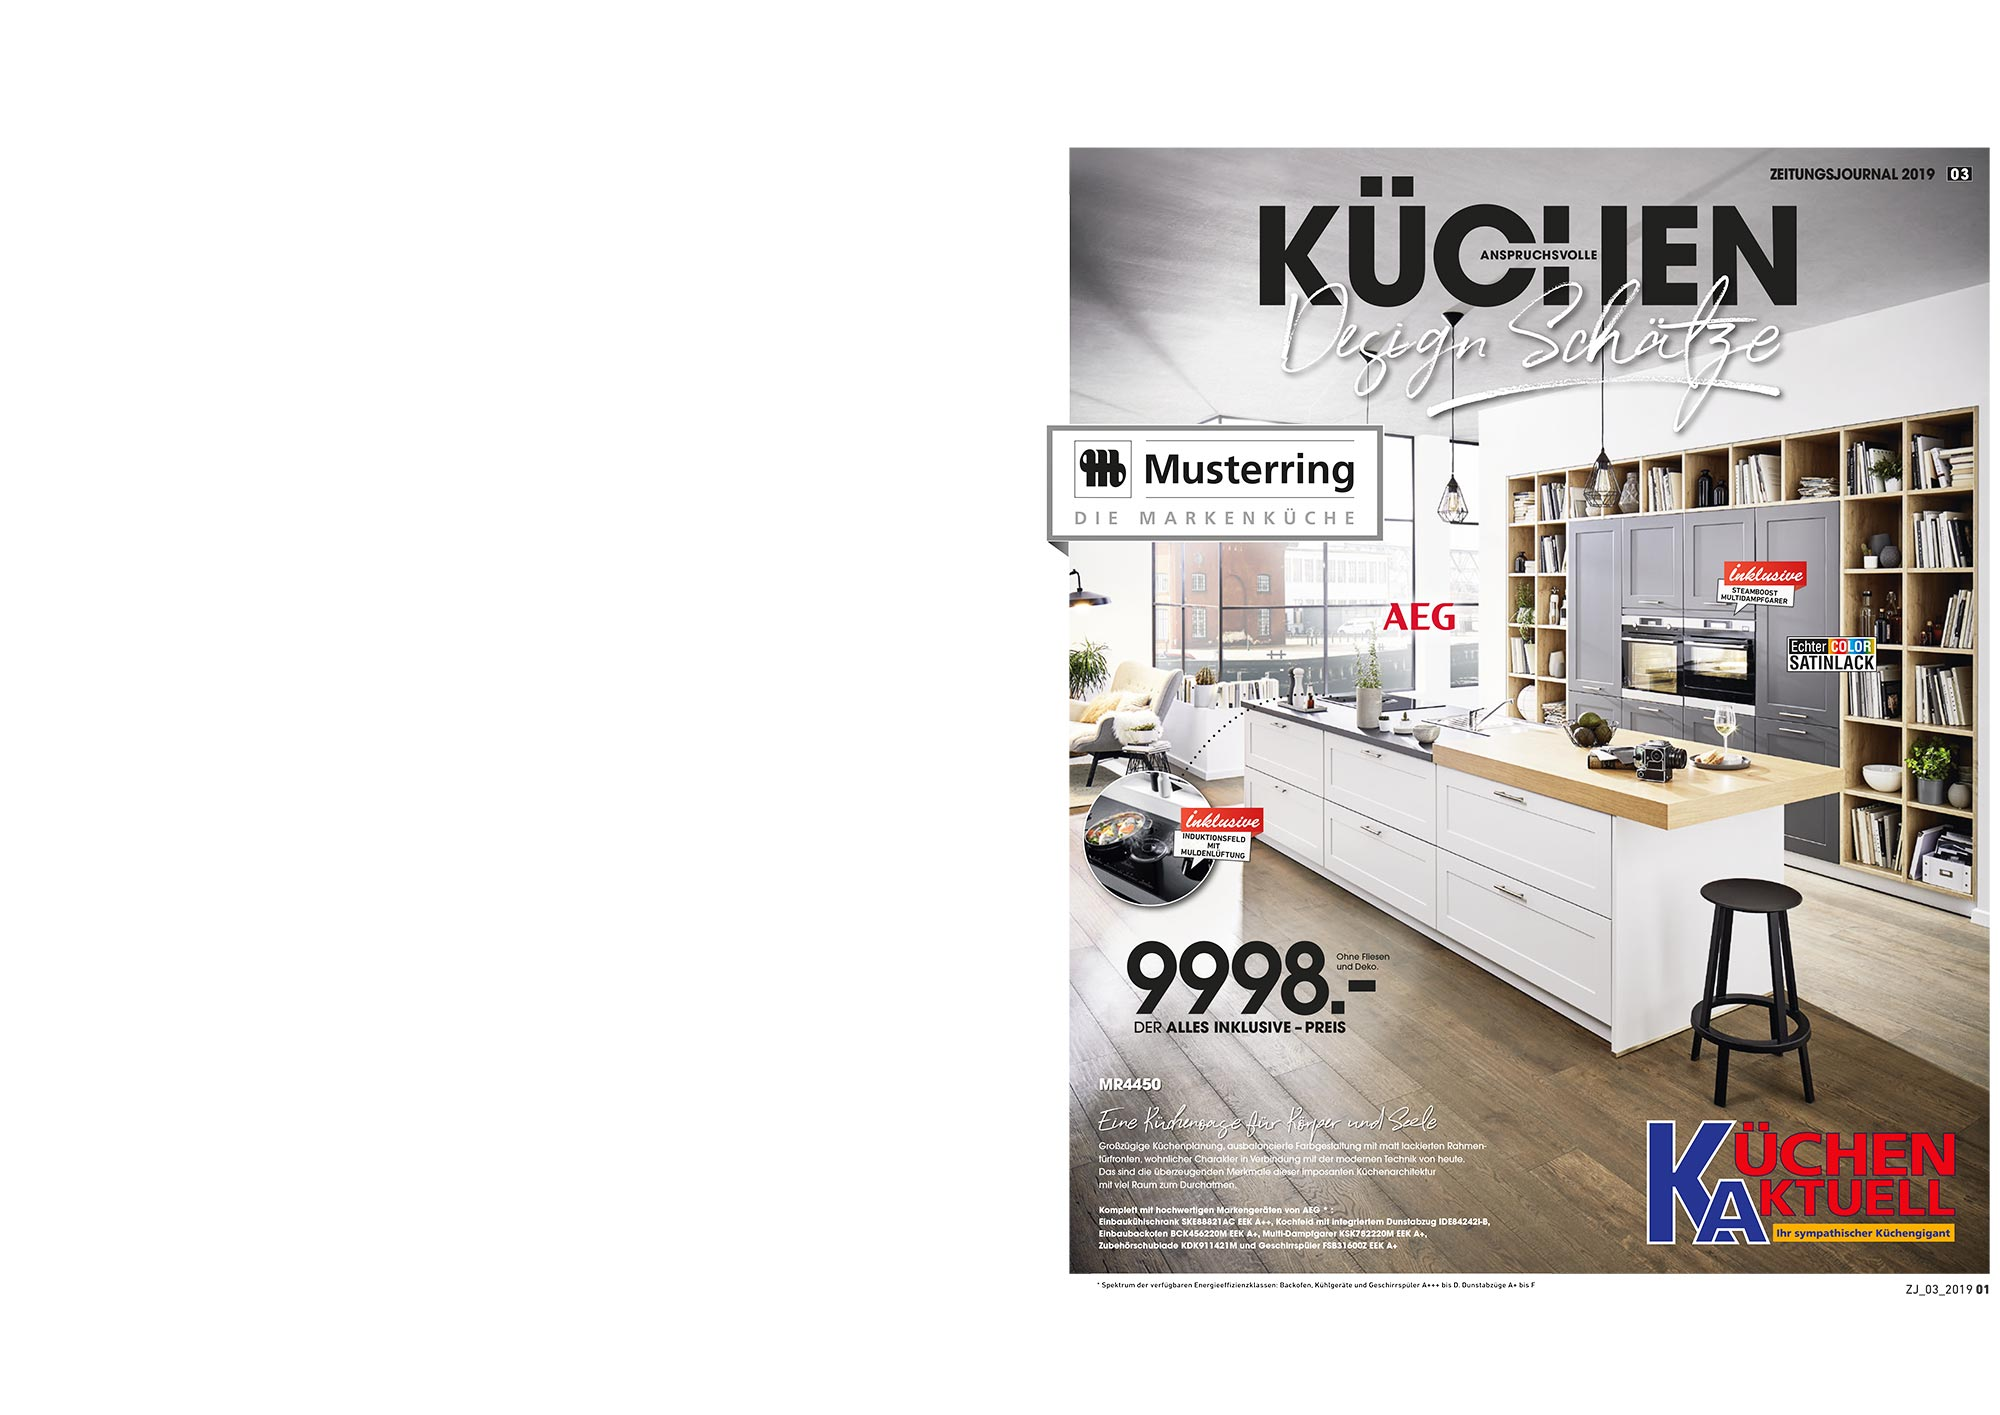 Kuchen Aktuell Hannover Kuchen Outlet Hannover Modell Kchen